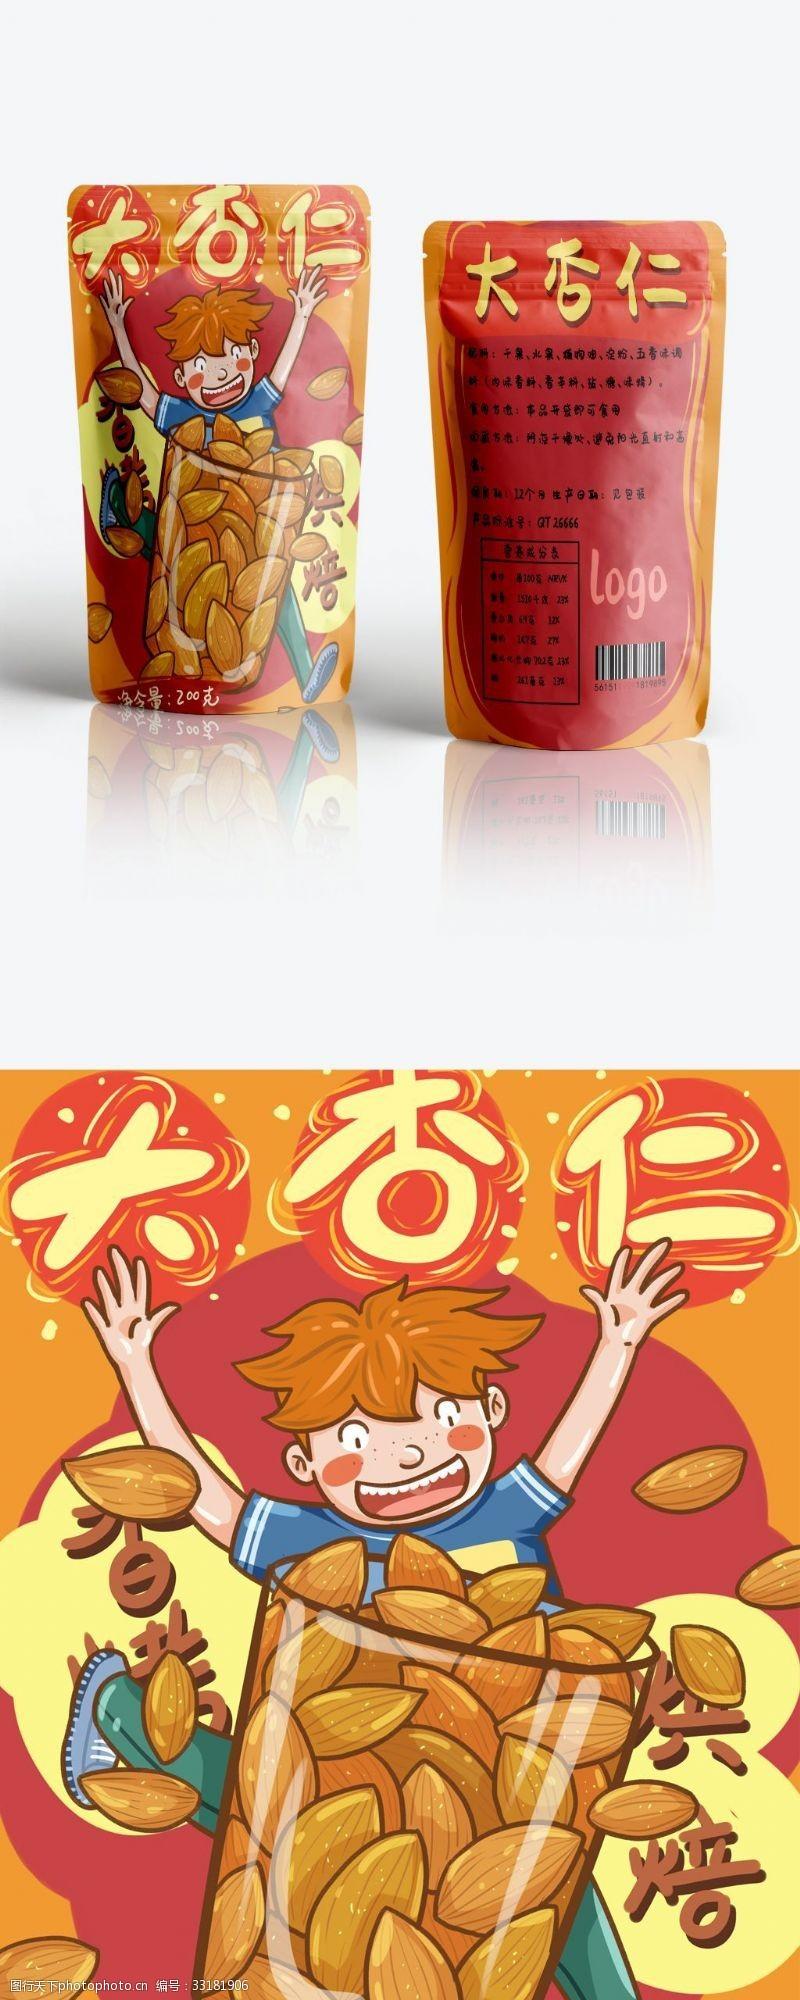 正反面零食包装坚果系列杏仁玻璃杯与男孩可爱卡通